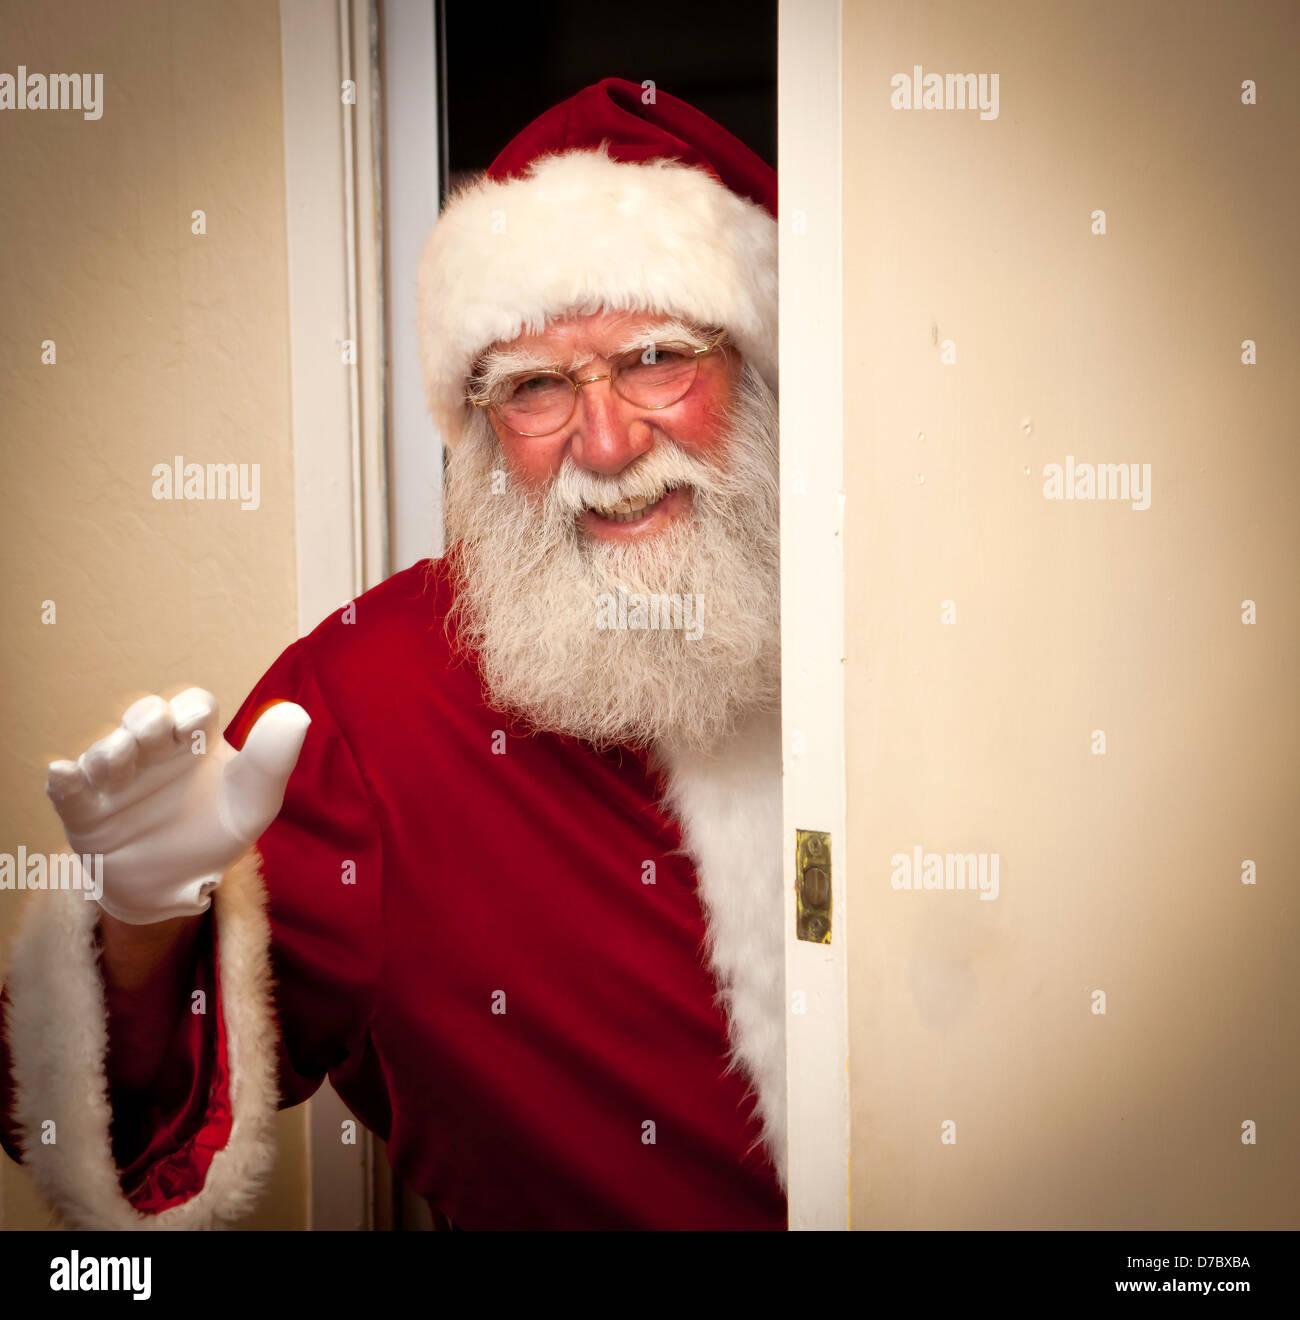 Santa Claus waving goodbye or hello Stock Photo, Royalty Free Image: 56195870...